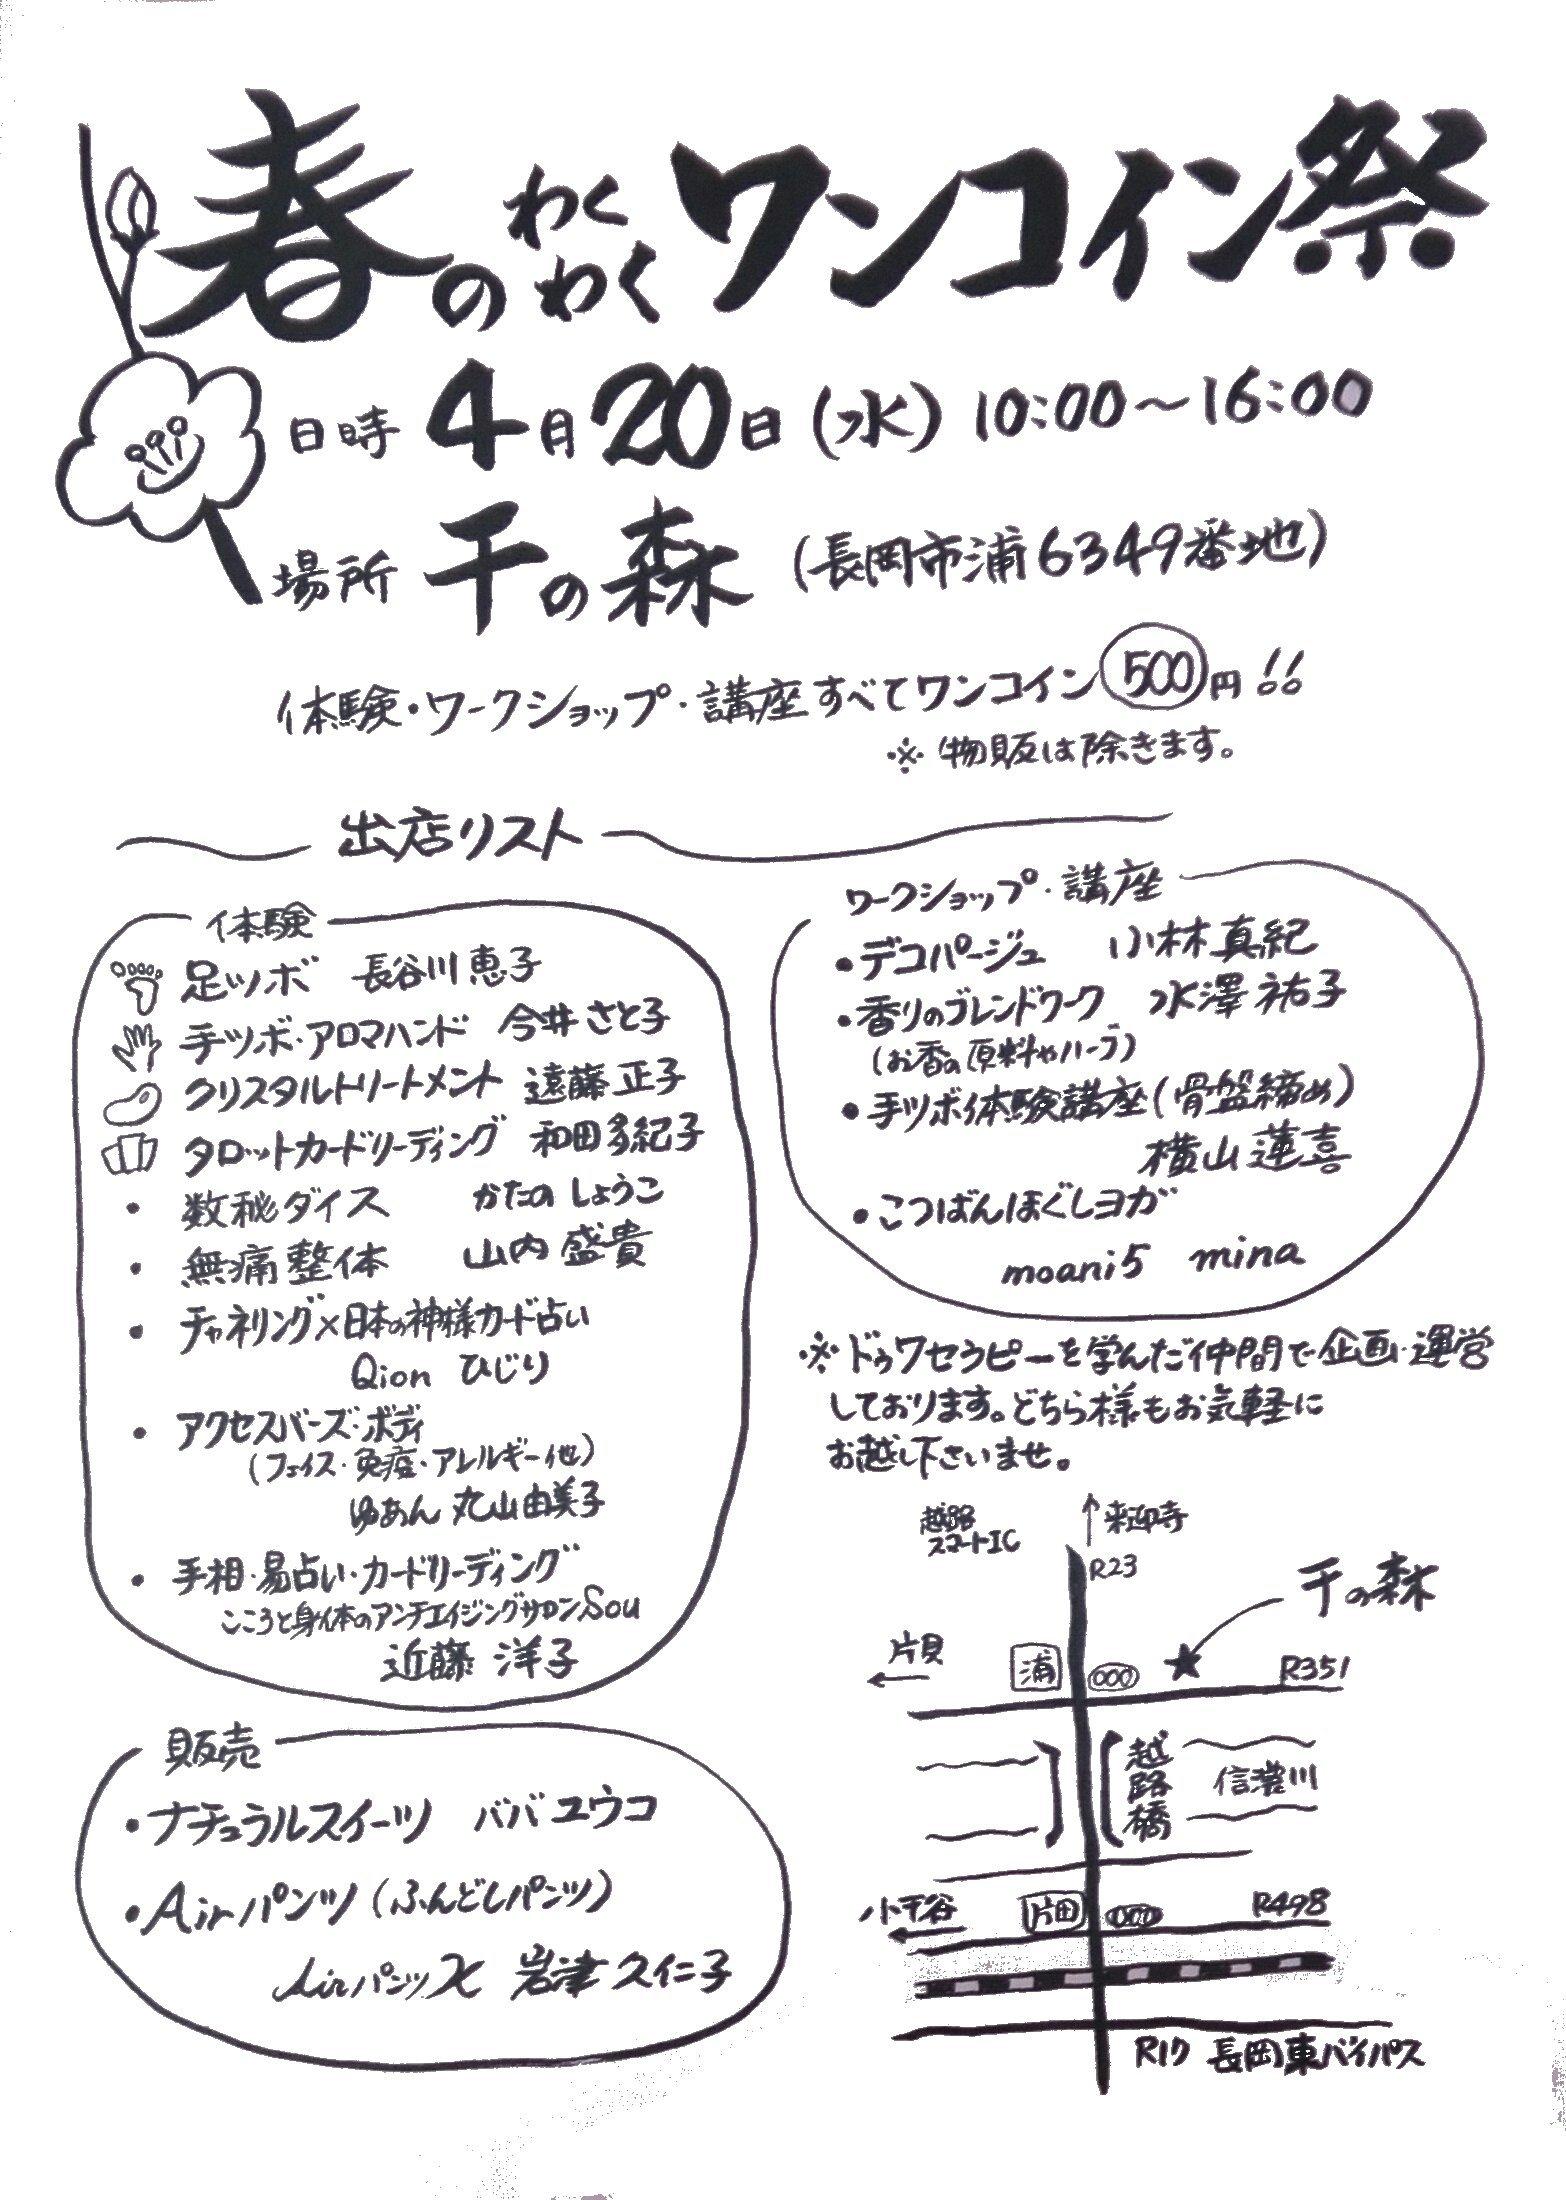 nagaoka0420.jpg